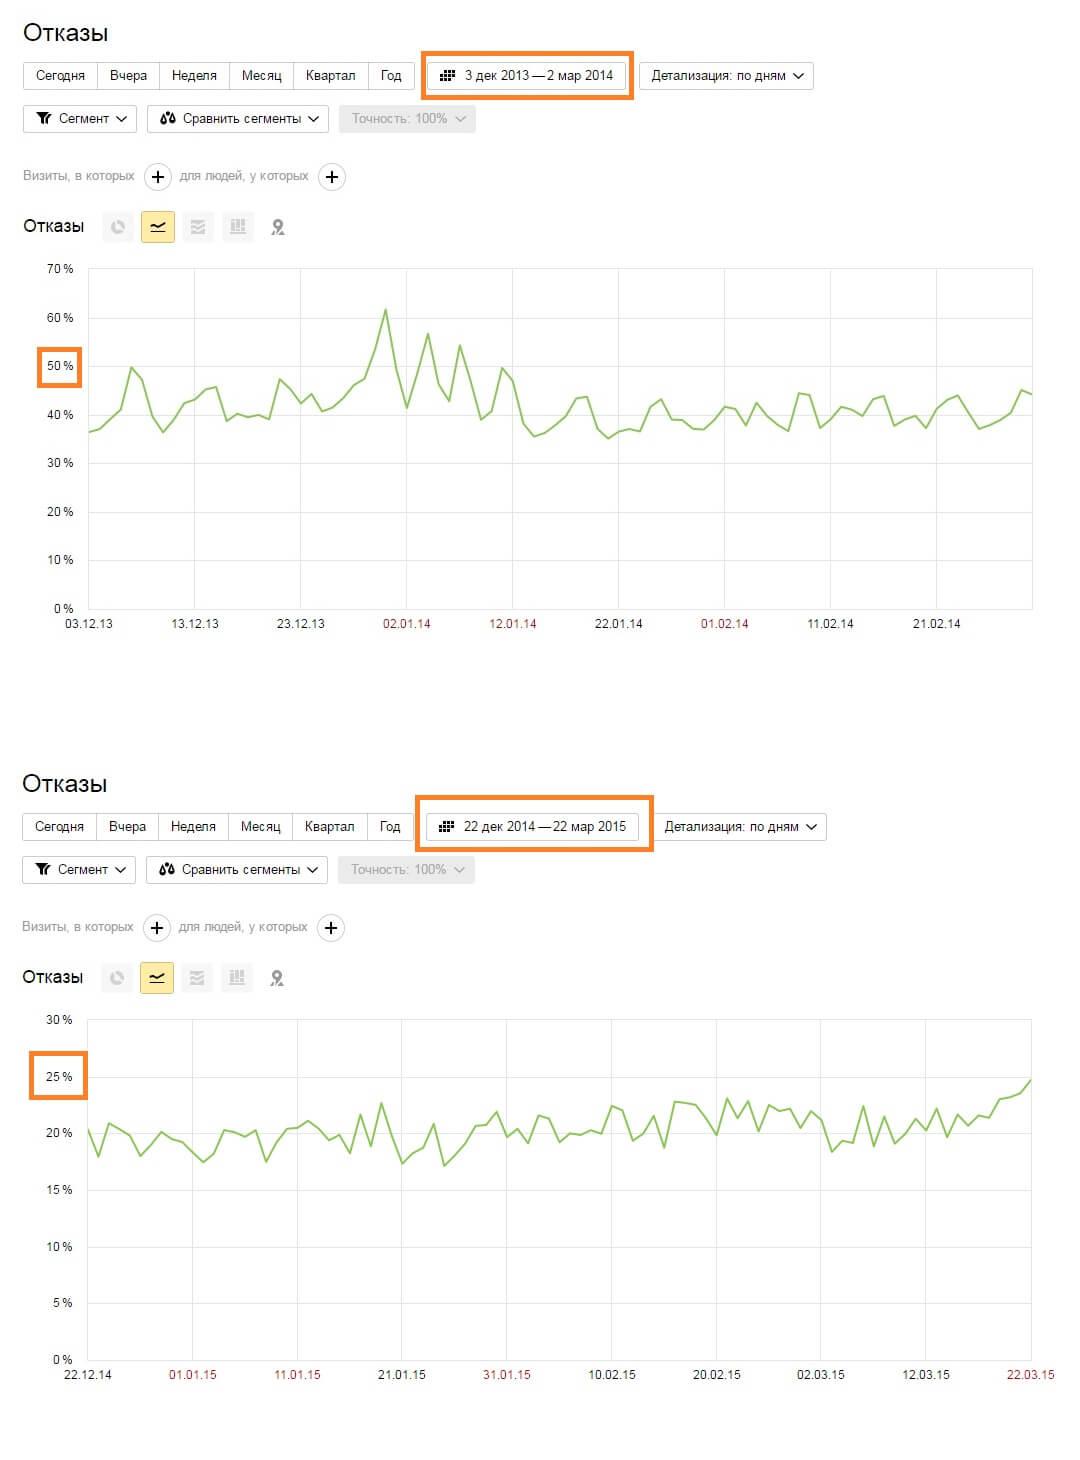 сравнение статистики отказов «плохой» дизайн сайта/ «хороший» дизайн сайта